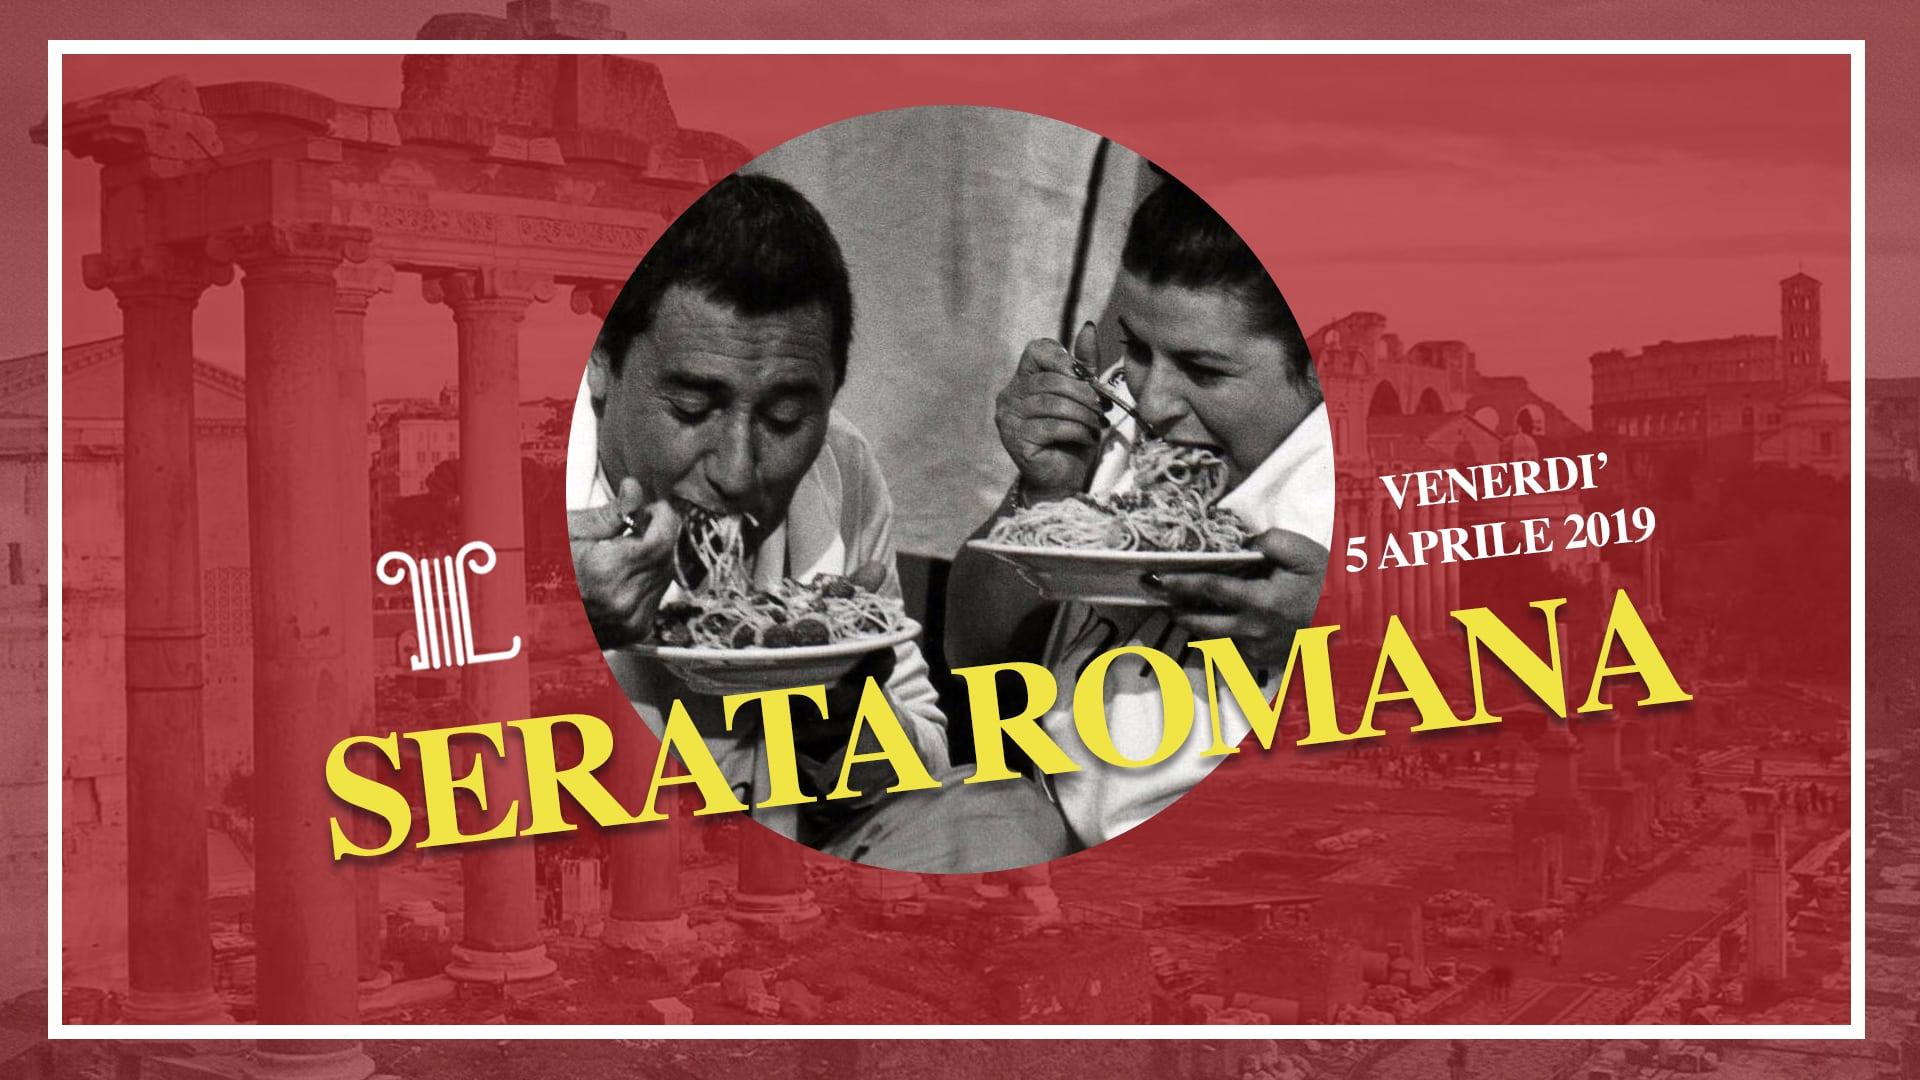 L'altra tappa - Serata ROMANA evento